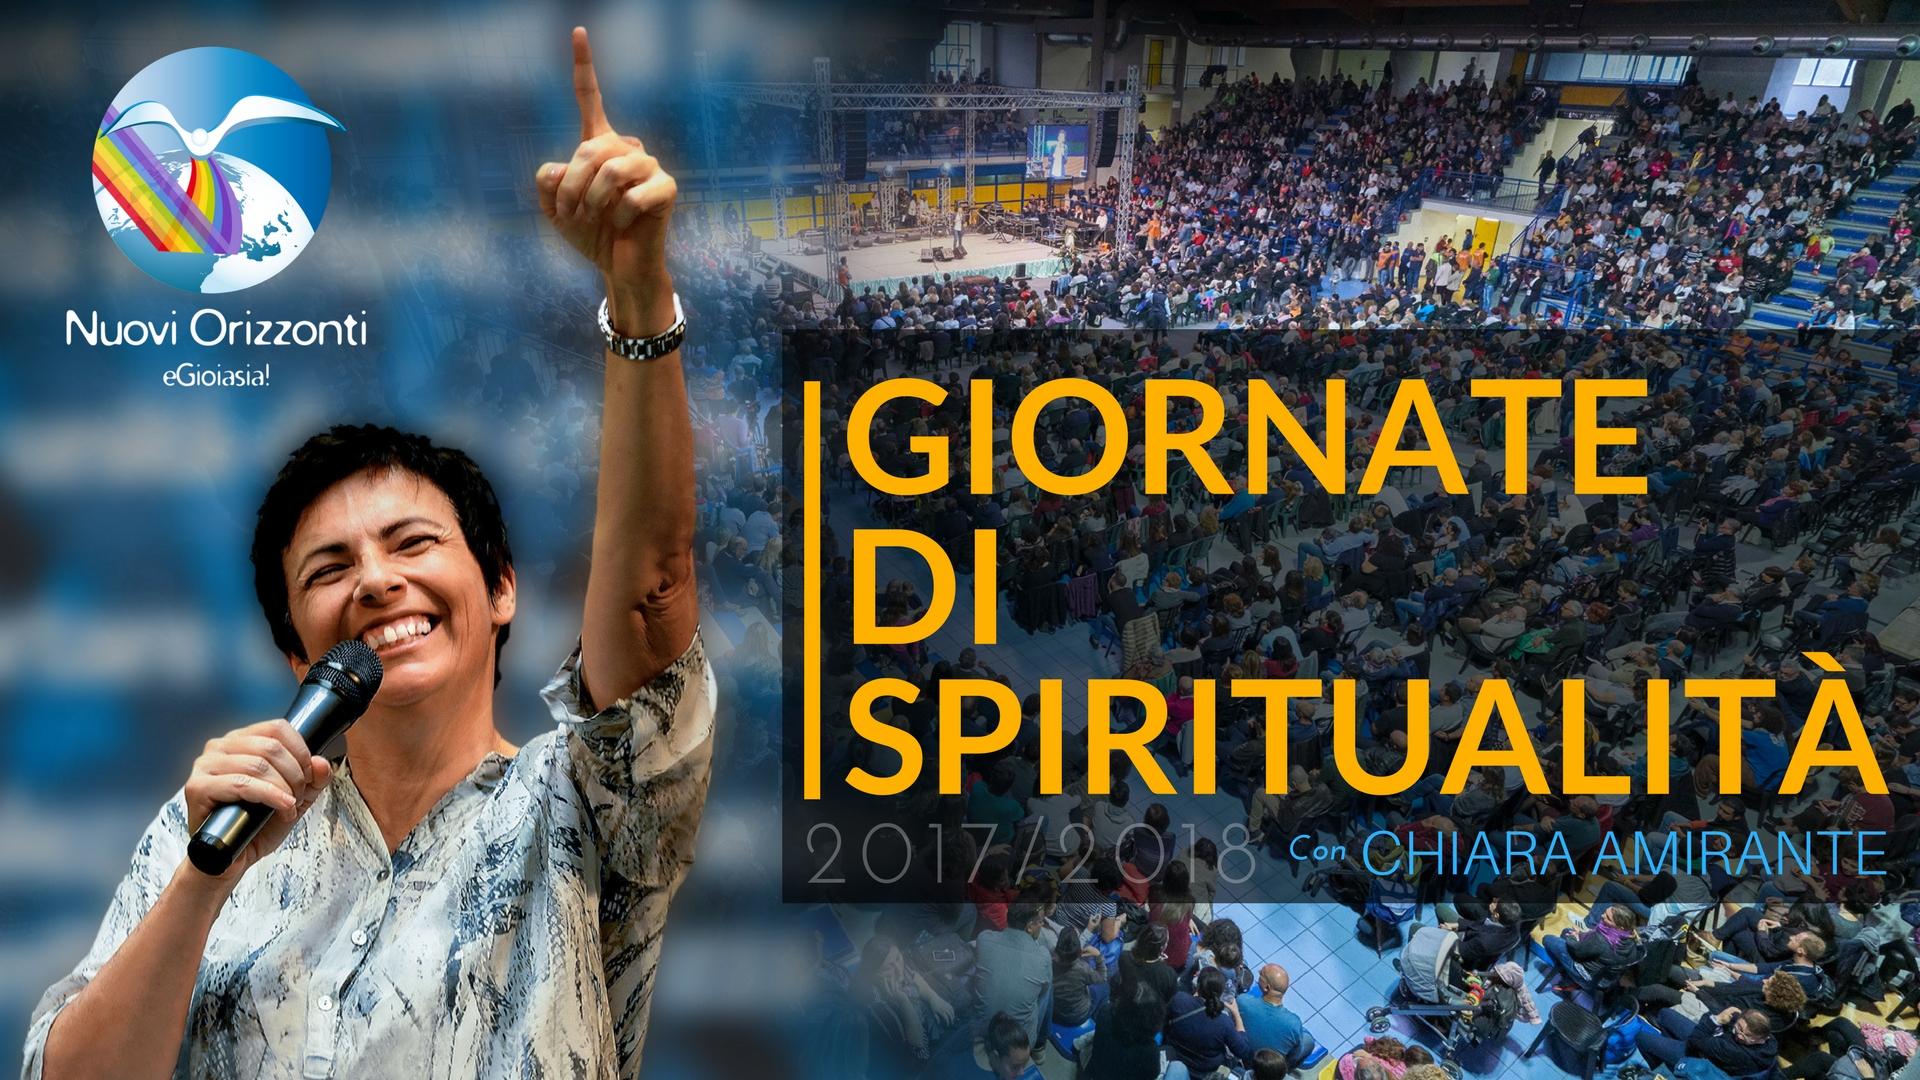 Giornata di Spiritualità - Nuovi Orizzonti